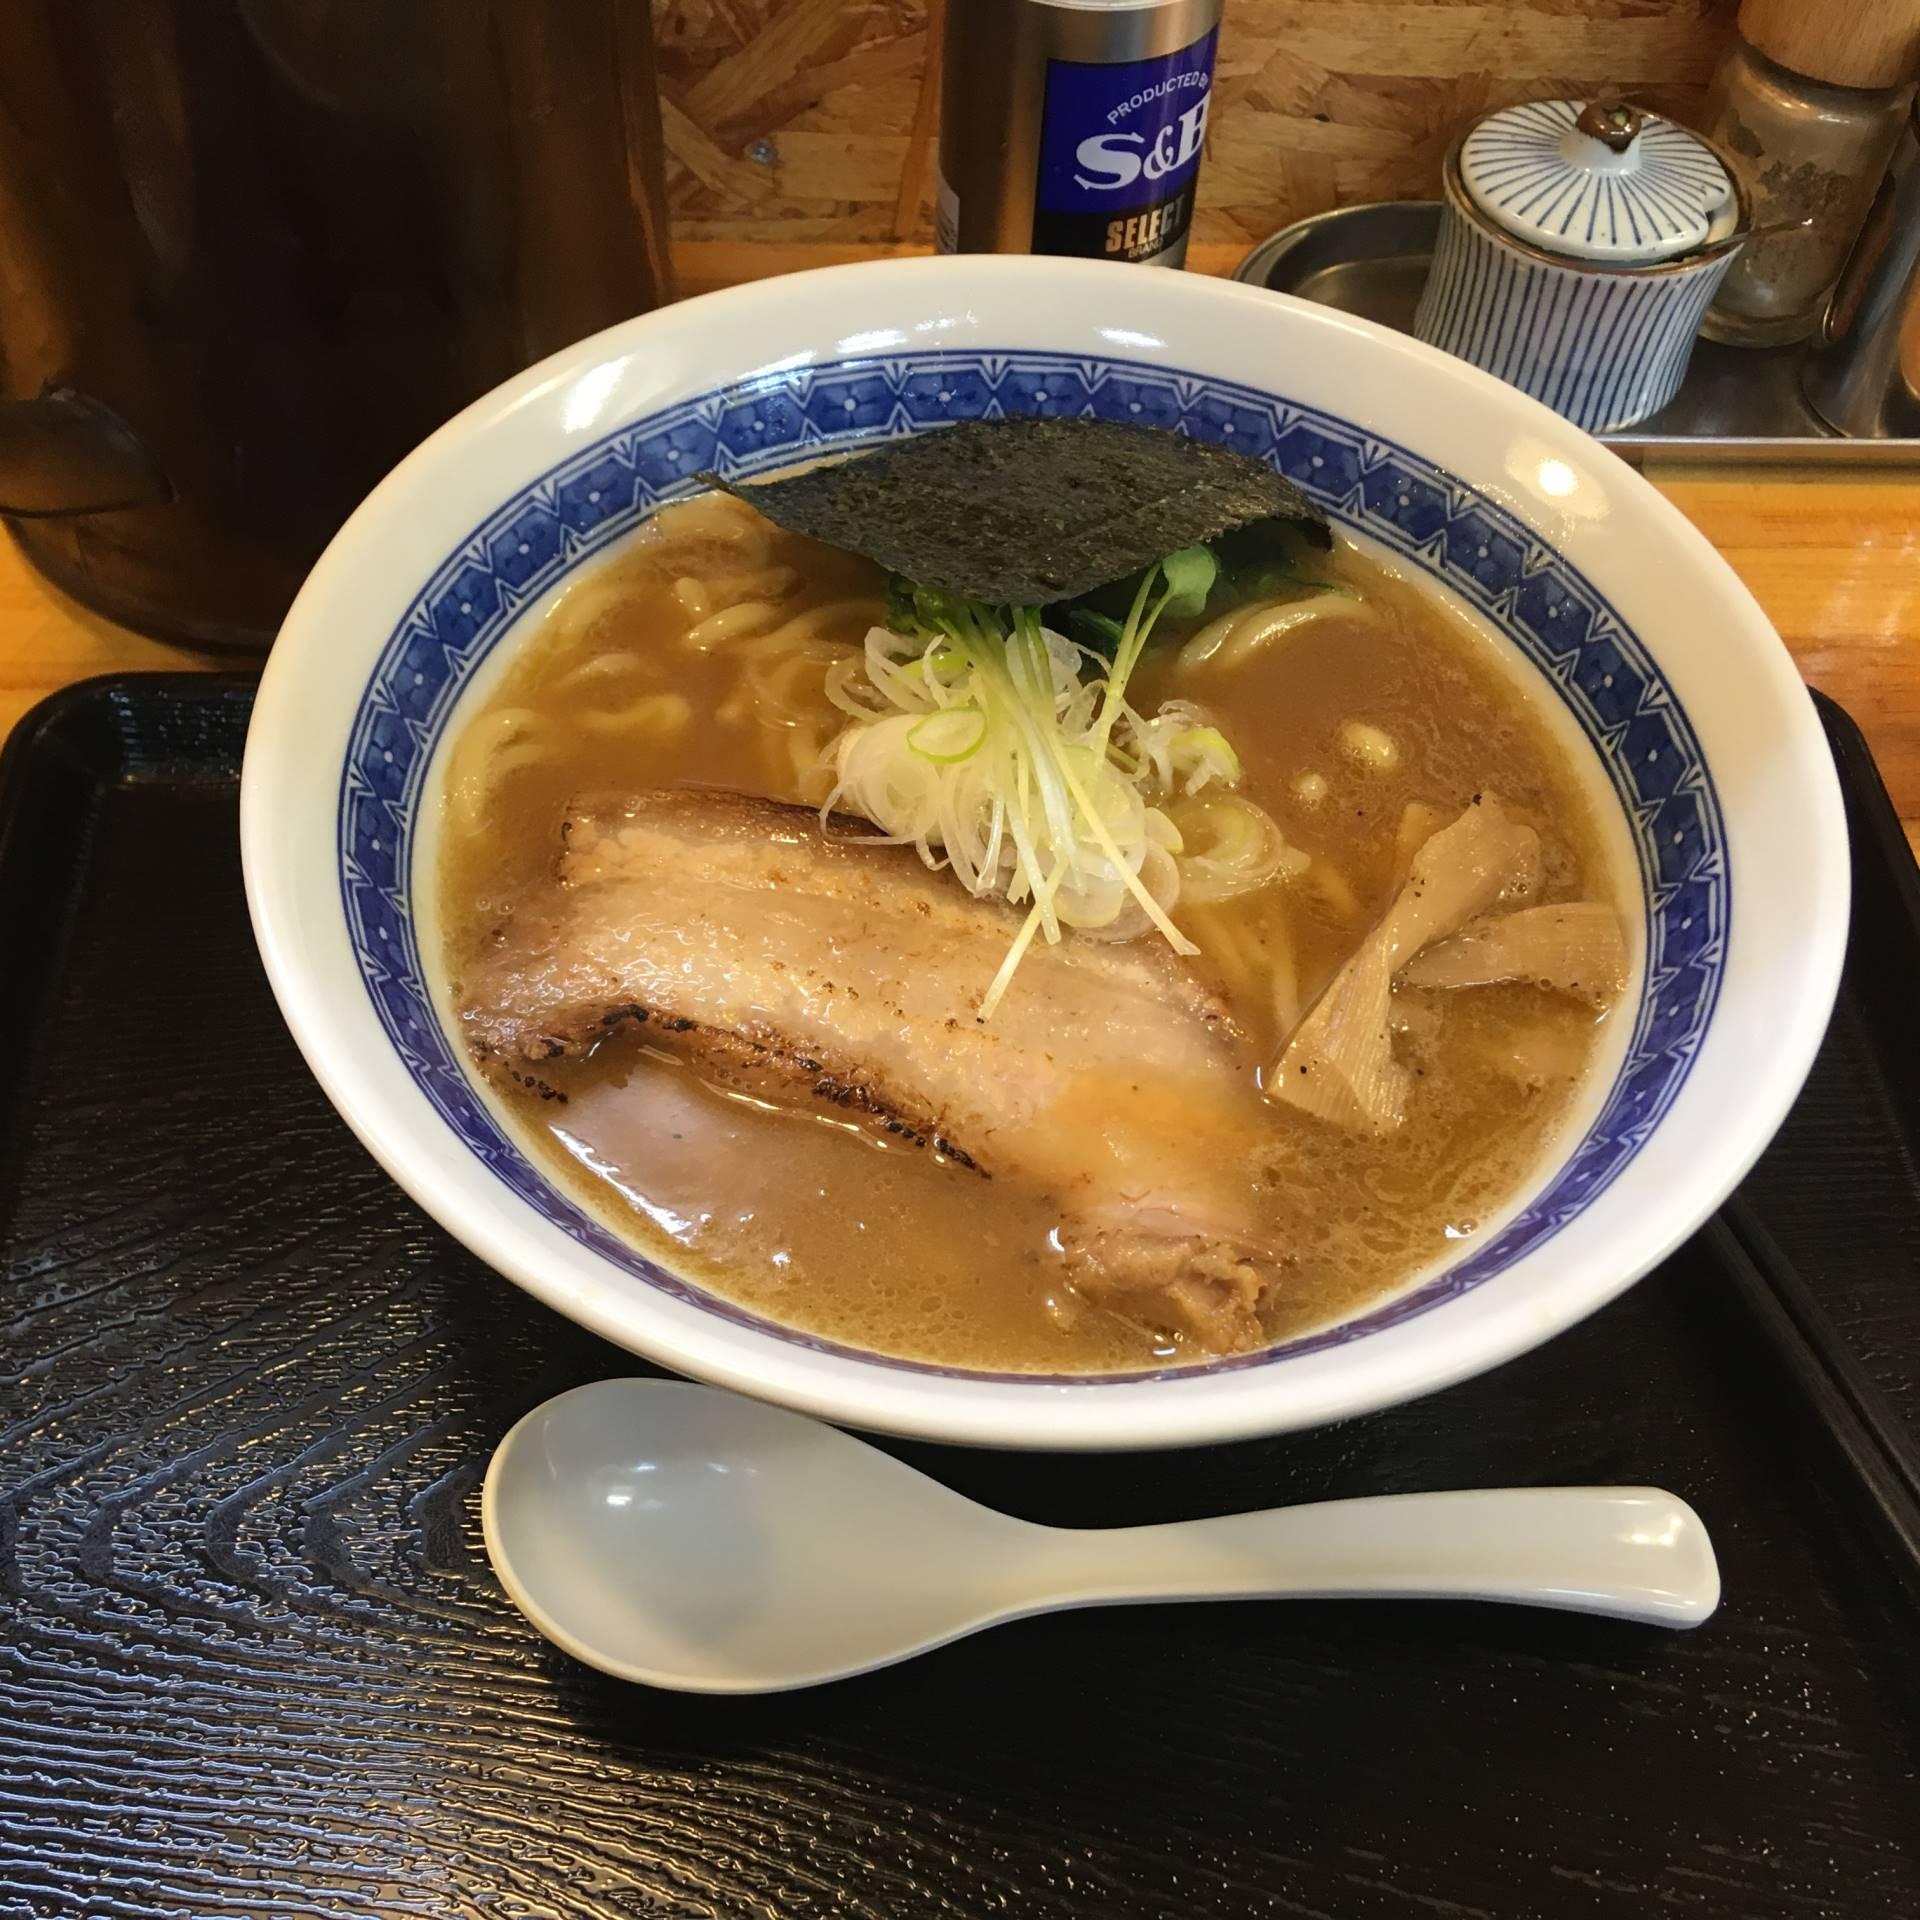 中川會 頂 曳舟店 濃厚魚介鶏らーめん800円